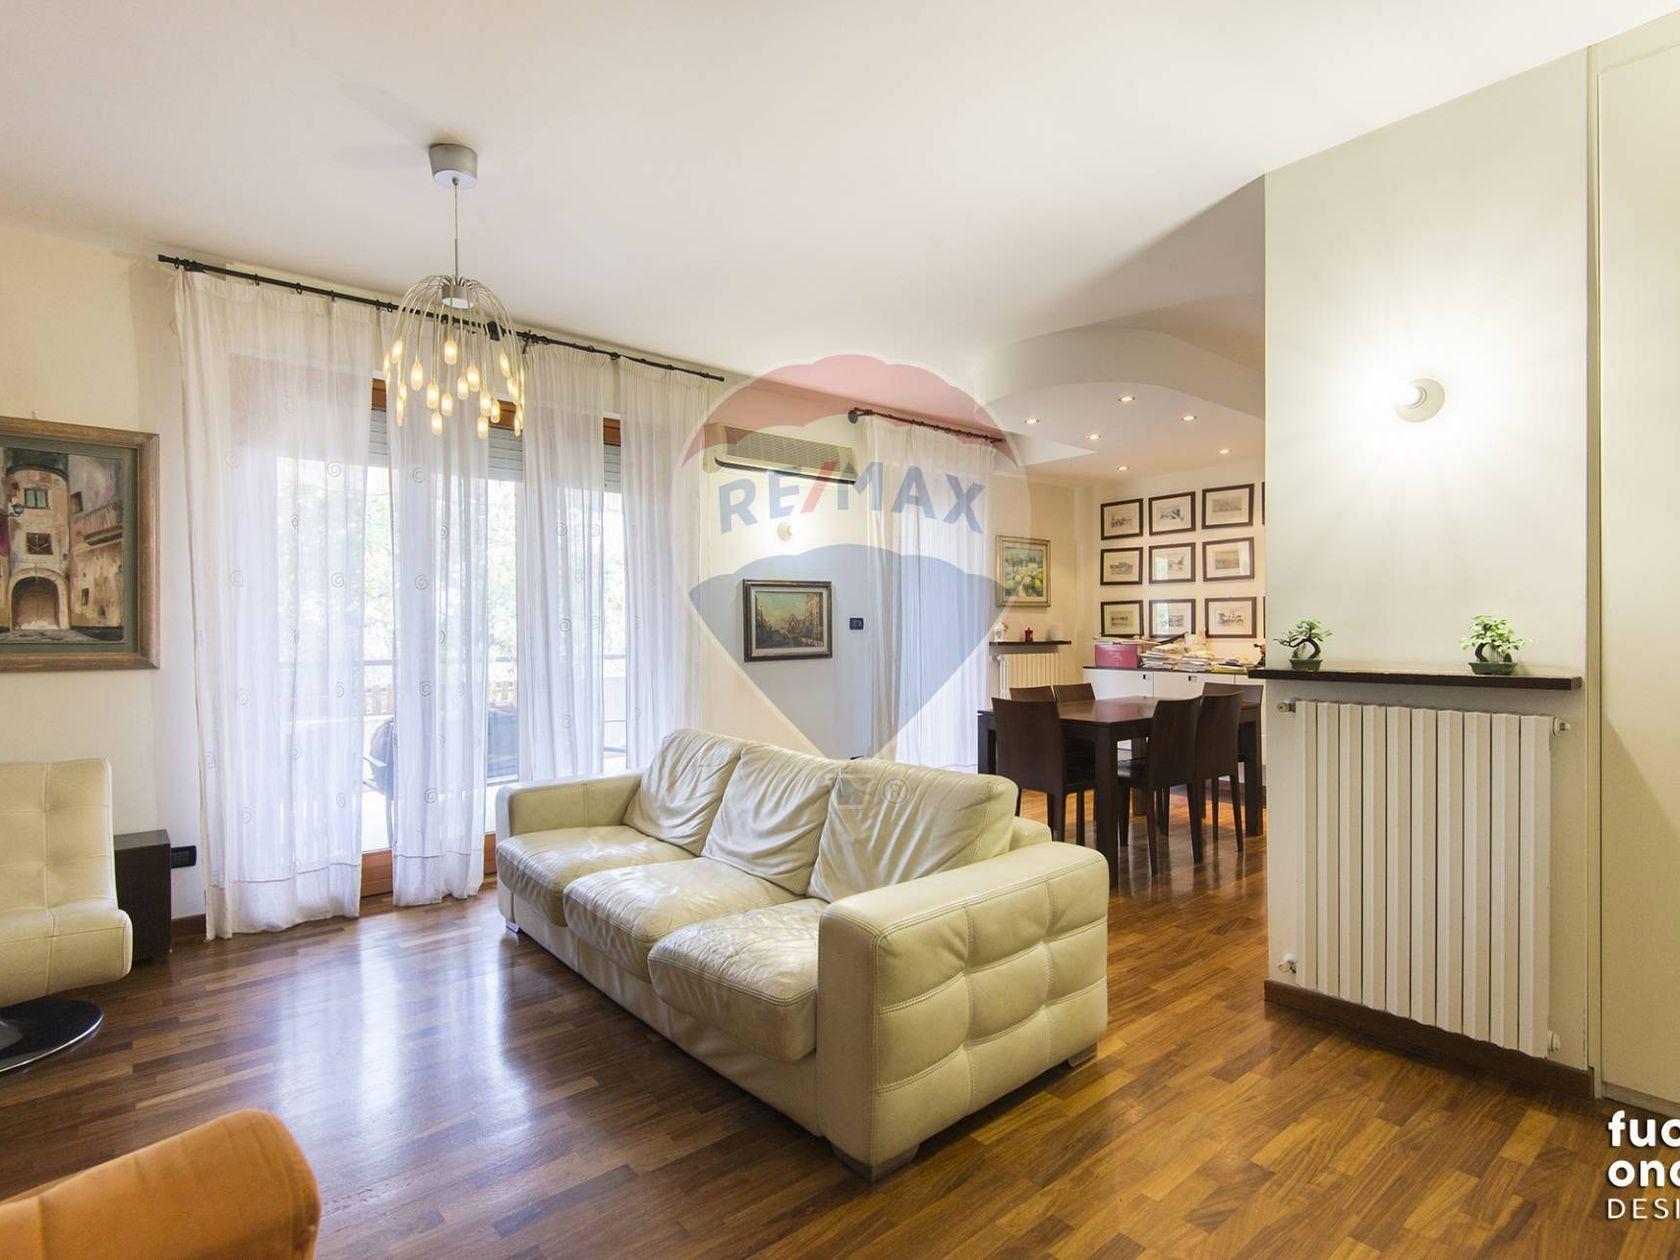 Armadio Su Misura Pescara.Appartamento In Vendita Pescara 32031011 78 Re Max Italia